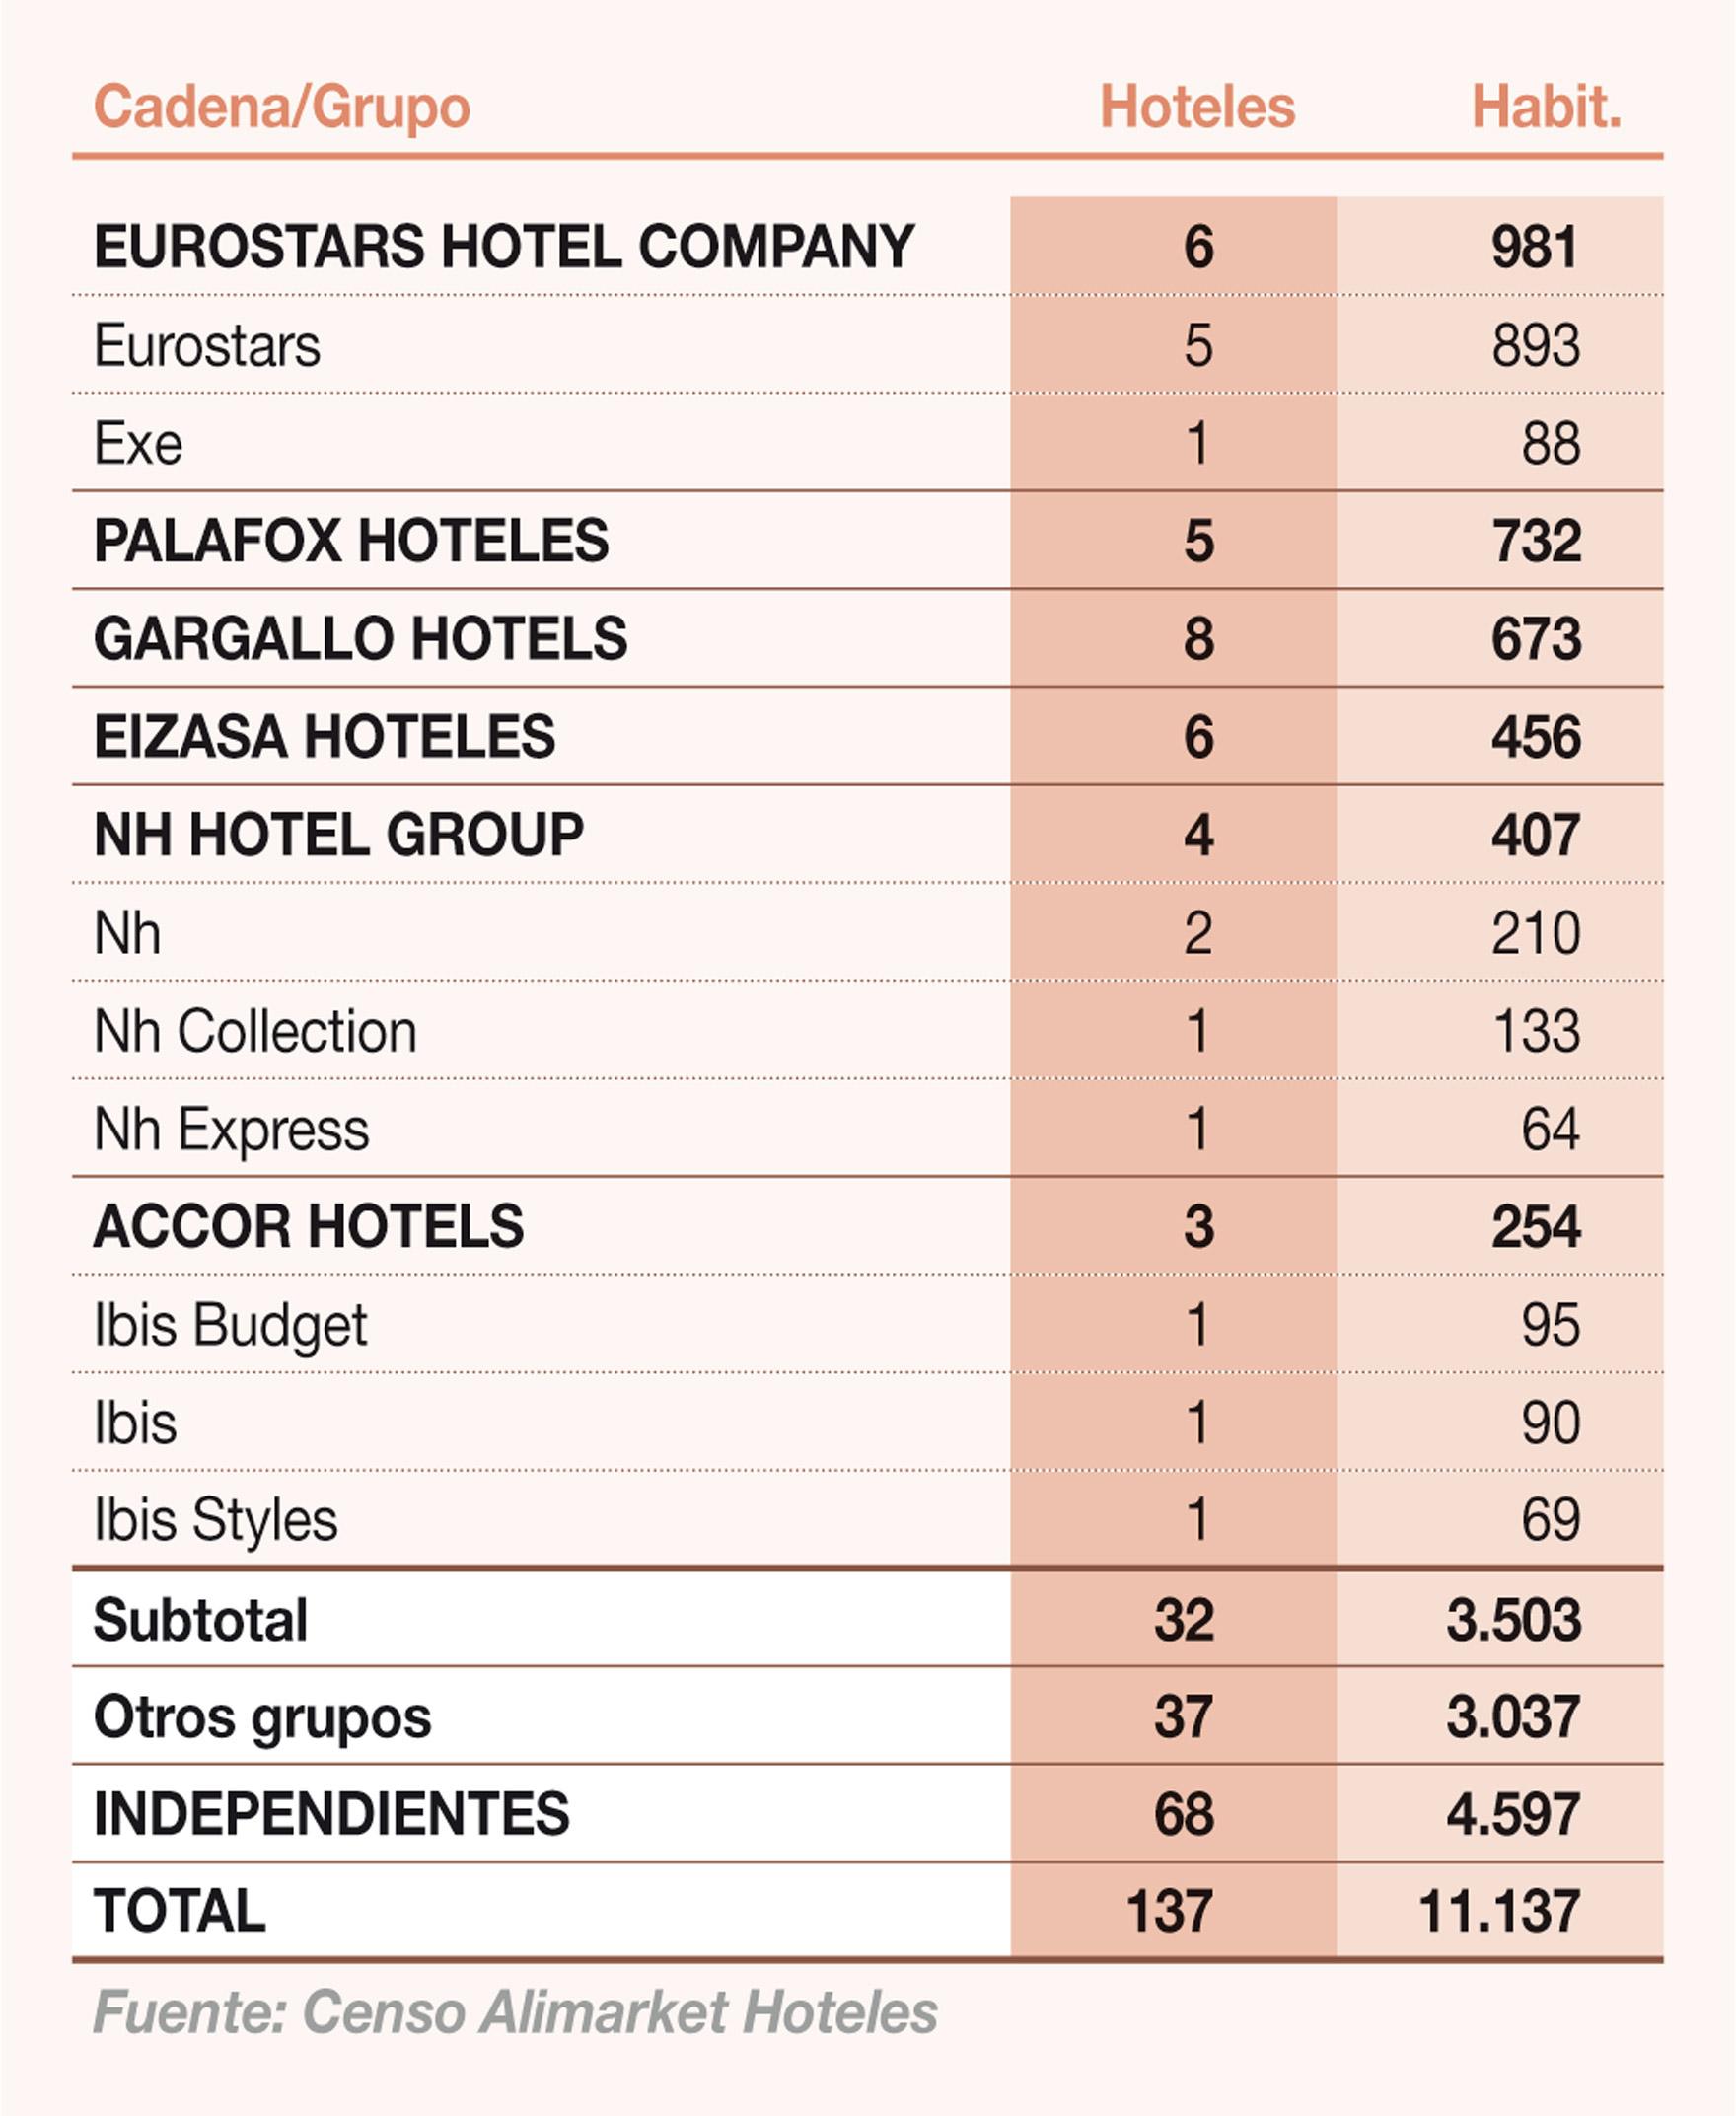 Principales grupos hoteleros presentes en Aragón